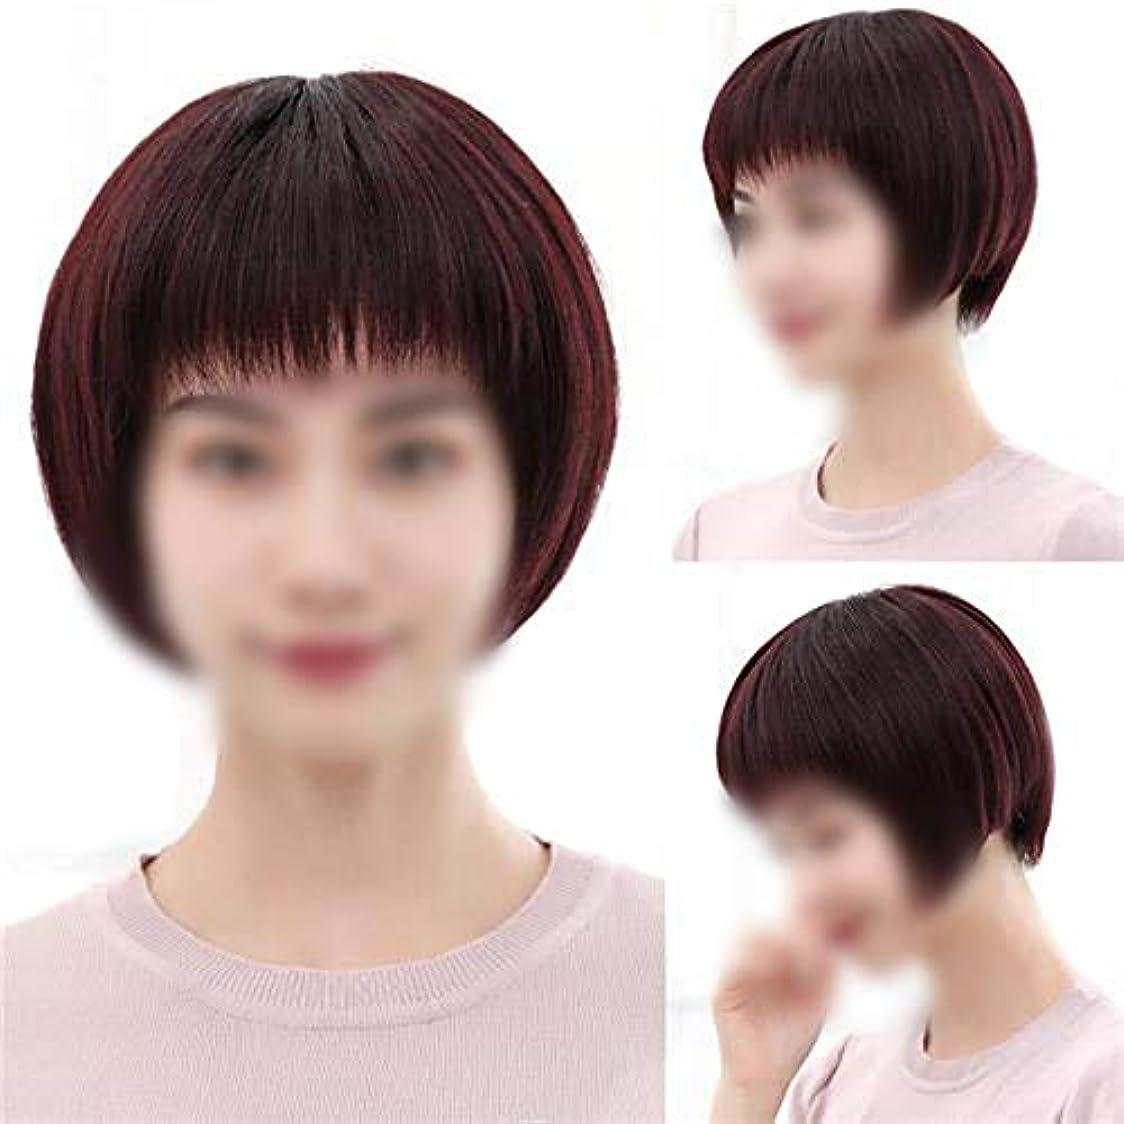 頑張る花輪枯渇YOUQIU 女性の中年ウィッグウィッグボブショートストレート髪のフルハンド織実ヘアウィッグ (色 : Dark brown)